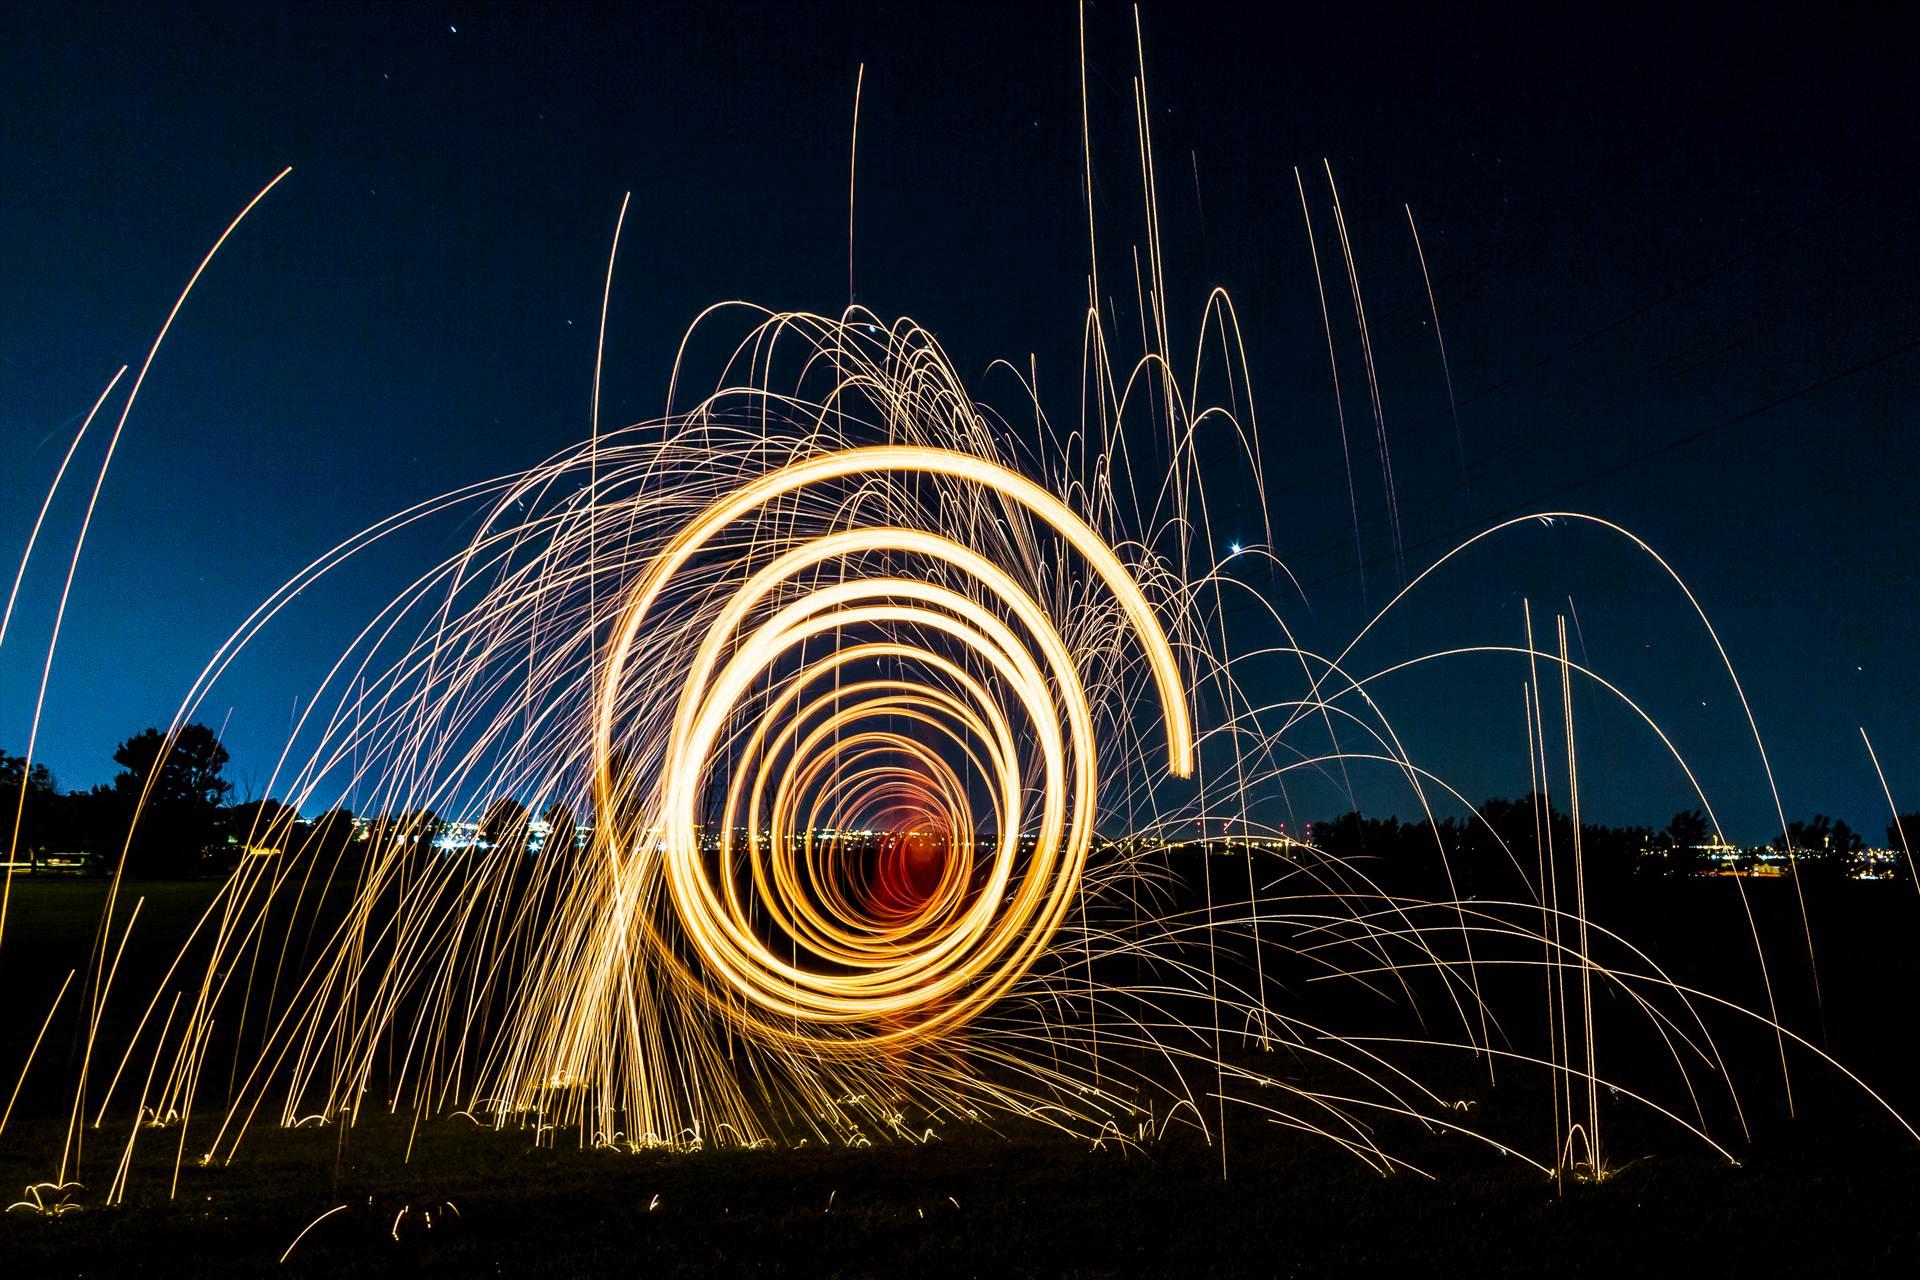 Steel Wool Tunnel II -  by D Scott Smith